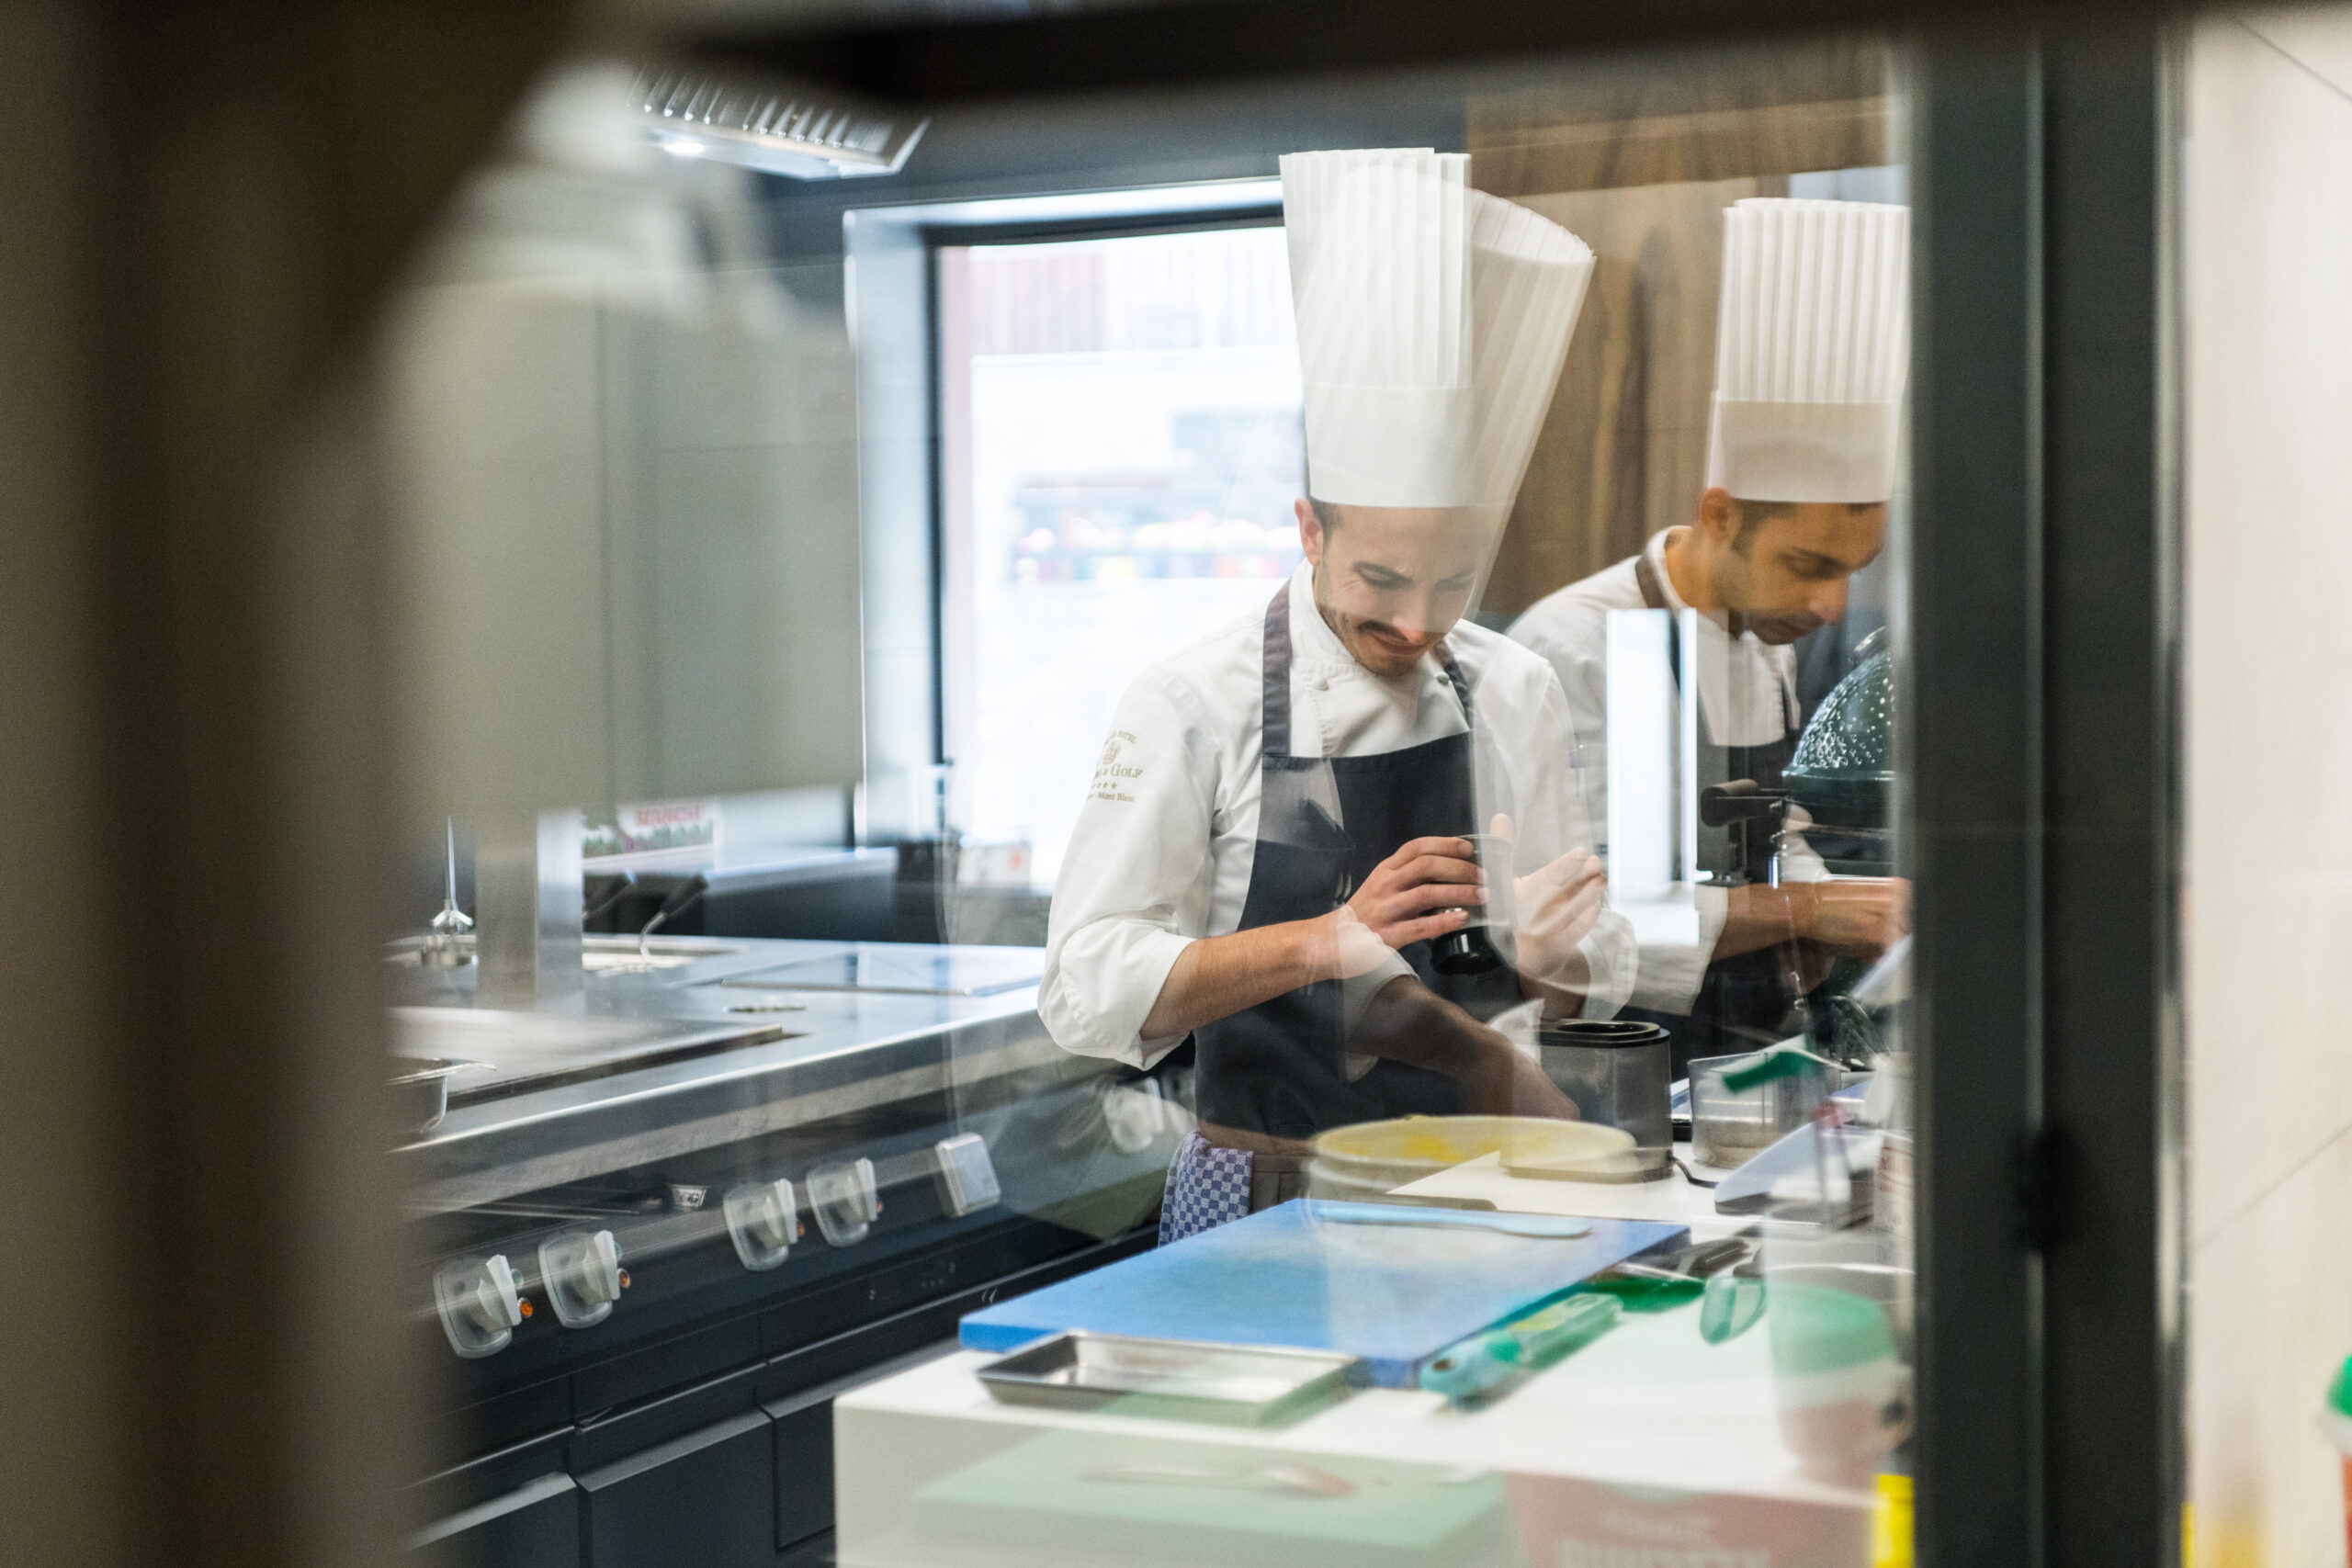 Hotel's Kitchen Workflow, l'organizzazione del flusso di lavoro in un hotel di alto profilo: Grand Hotel Royal & Golf Courmayeur